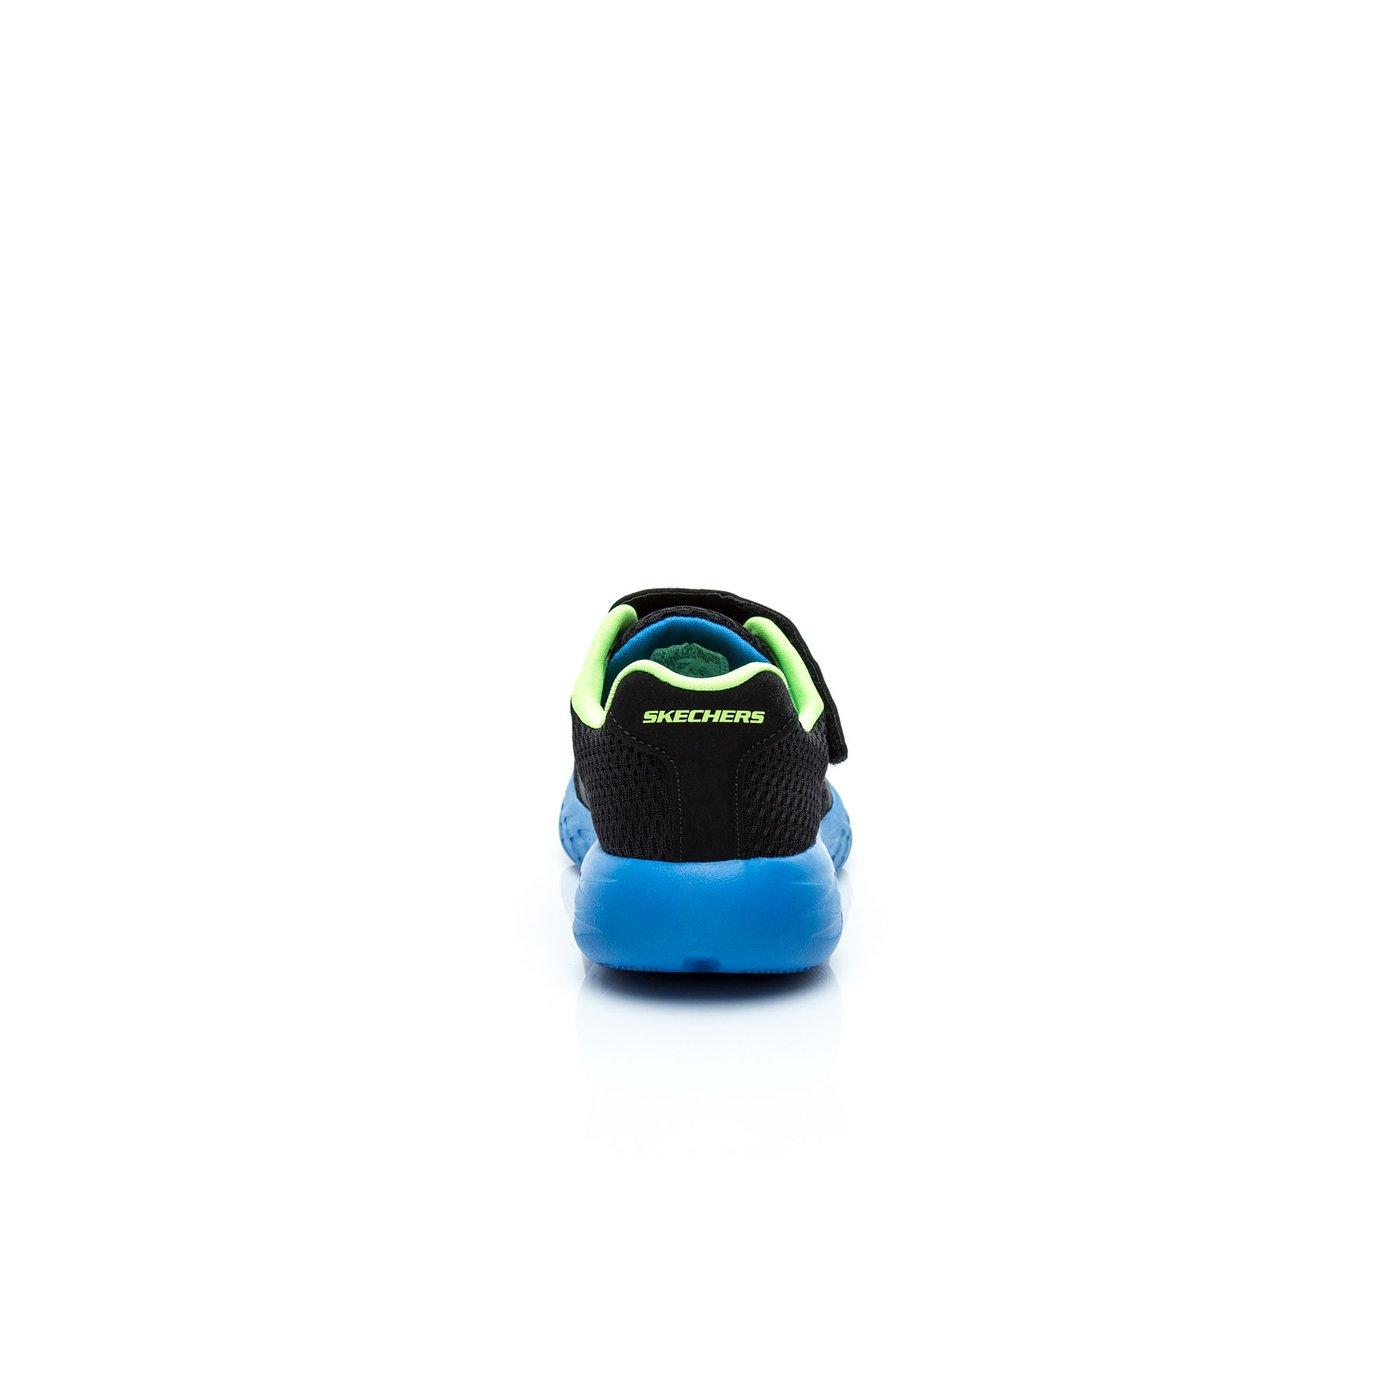 Skechers Go Run 600- Roxlo Erkek Çocuk Siyah-Mavi-Açık Yeşil Spor Ayakkabı